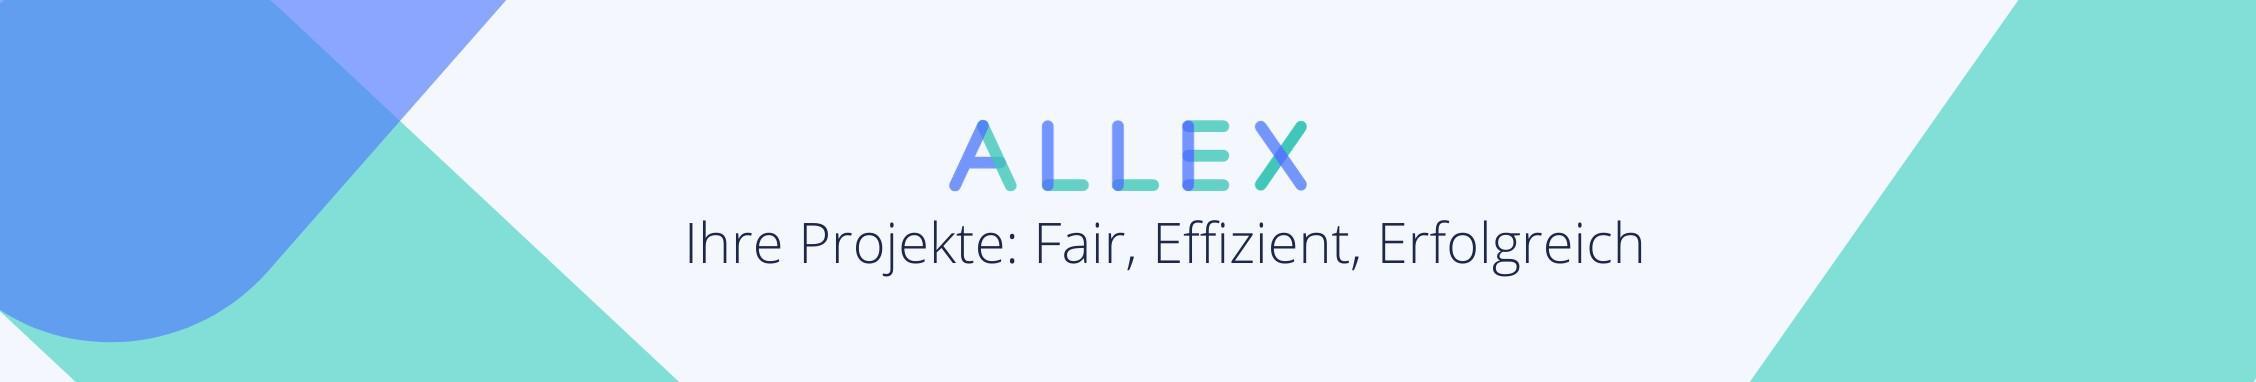 Bewertungen Allex: Projektmanagement-Software - Appvizer